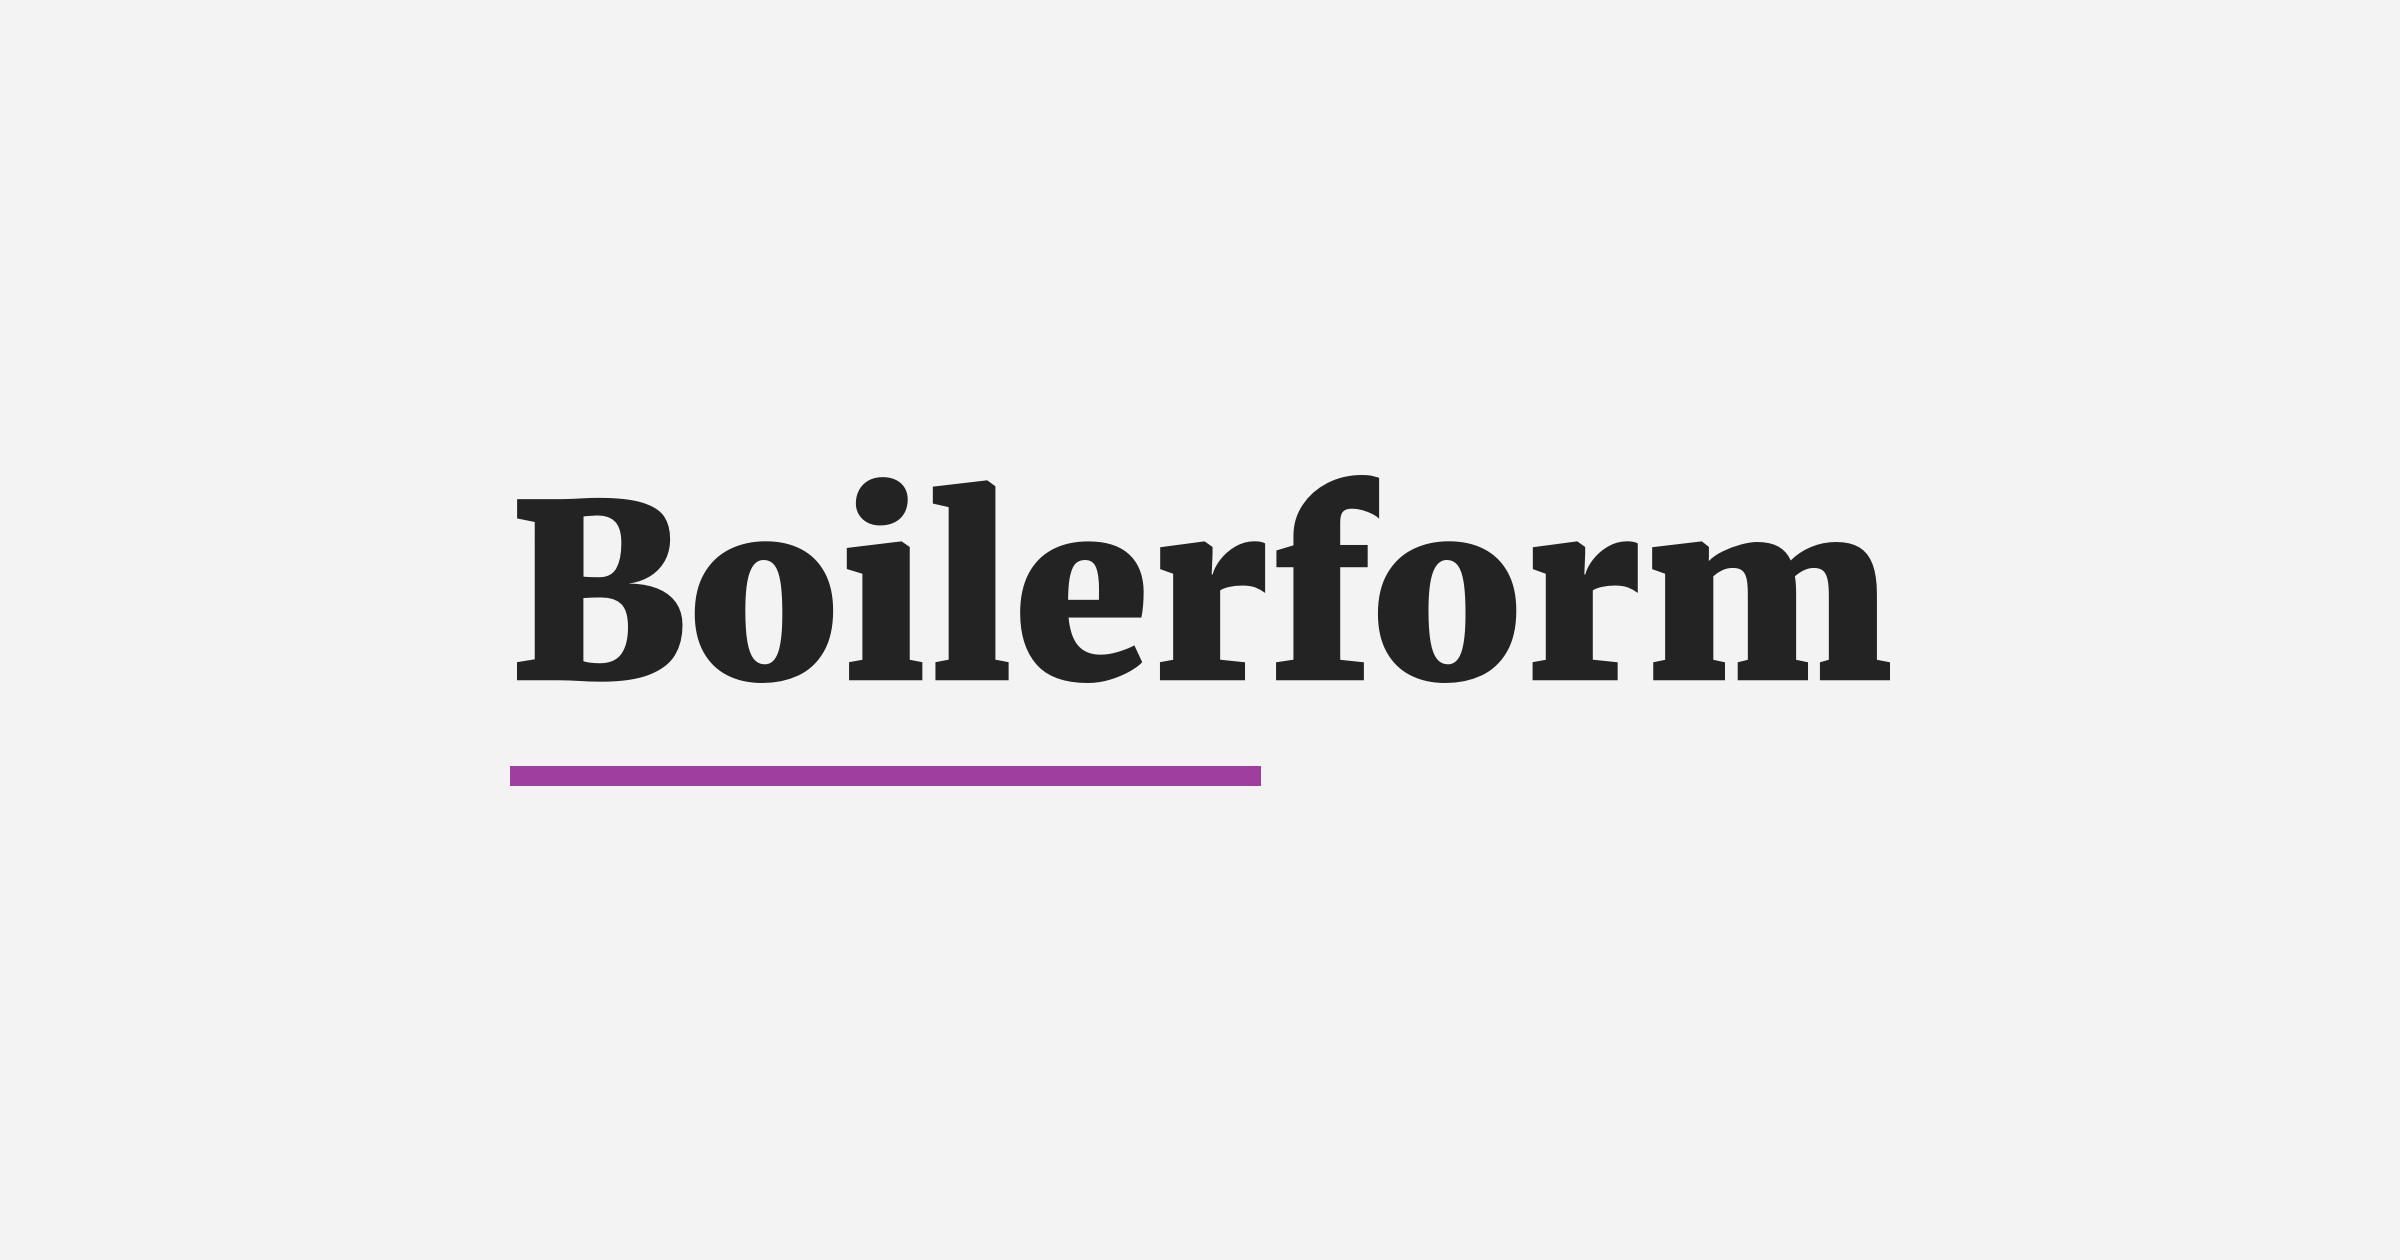 The Boilerform logo